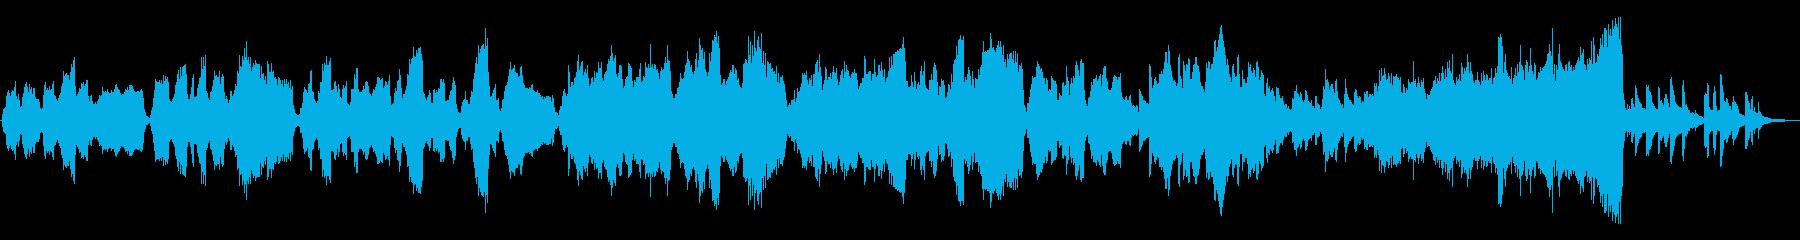 切ない映像に良く合う弦とピアノの作品の再生済みの波形